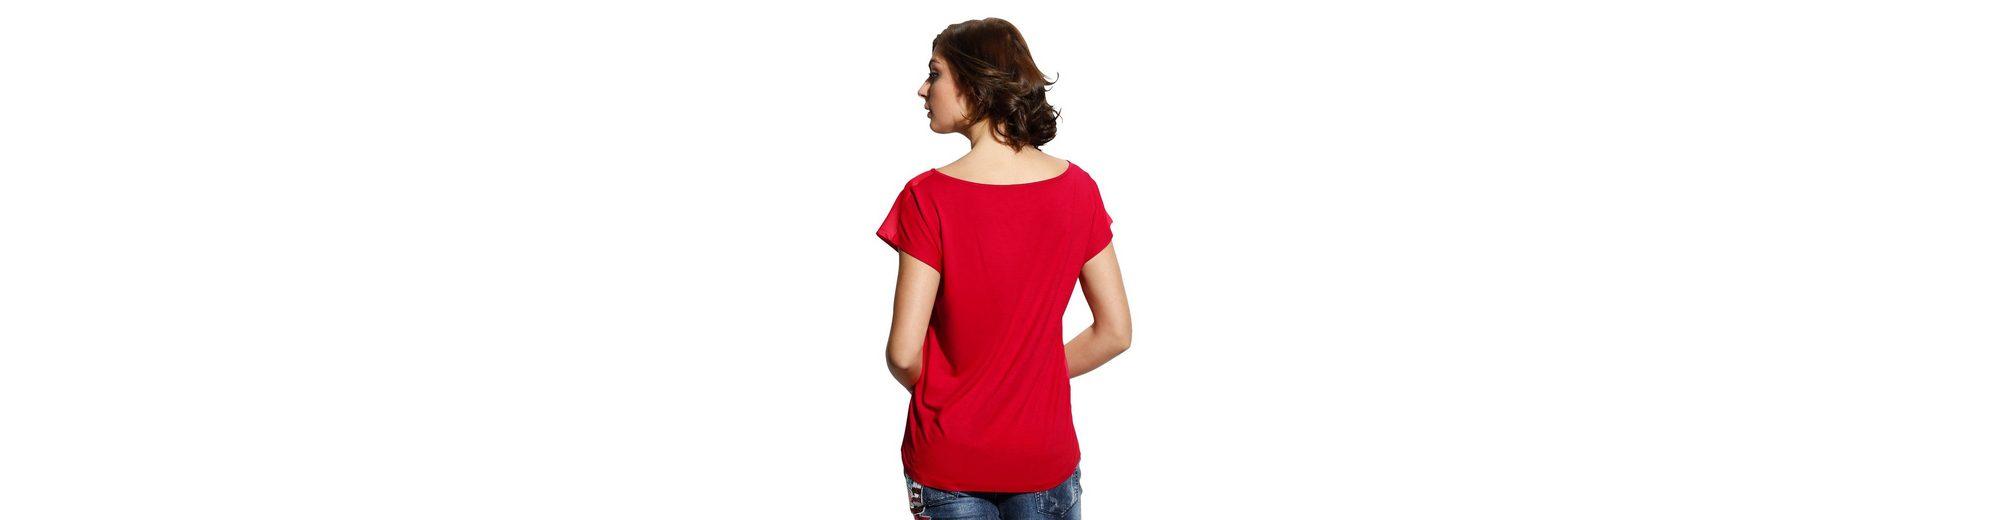 Alba Moda Druckshirt mit Vorderteil aus Webware Offizielle Zum Verkauf Rabatt Neue Stile XuBkH